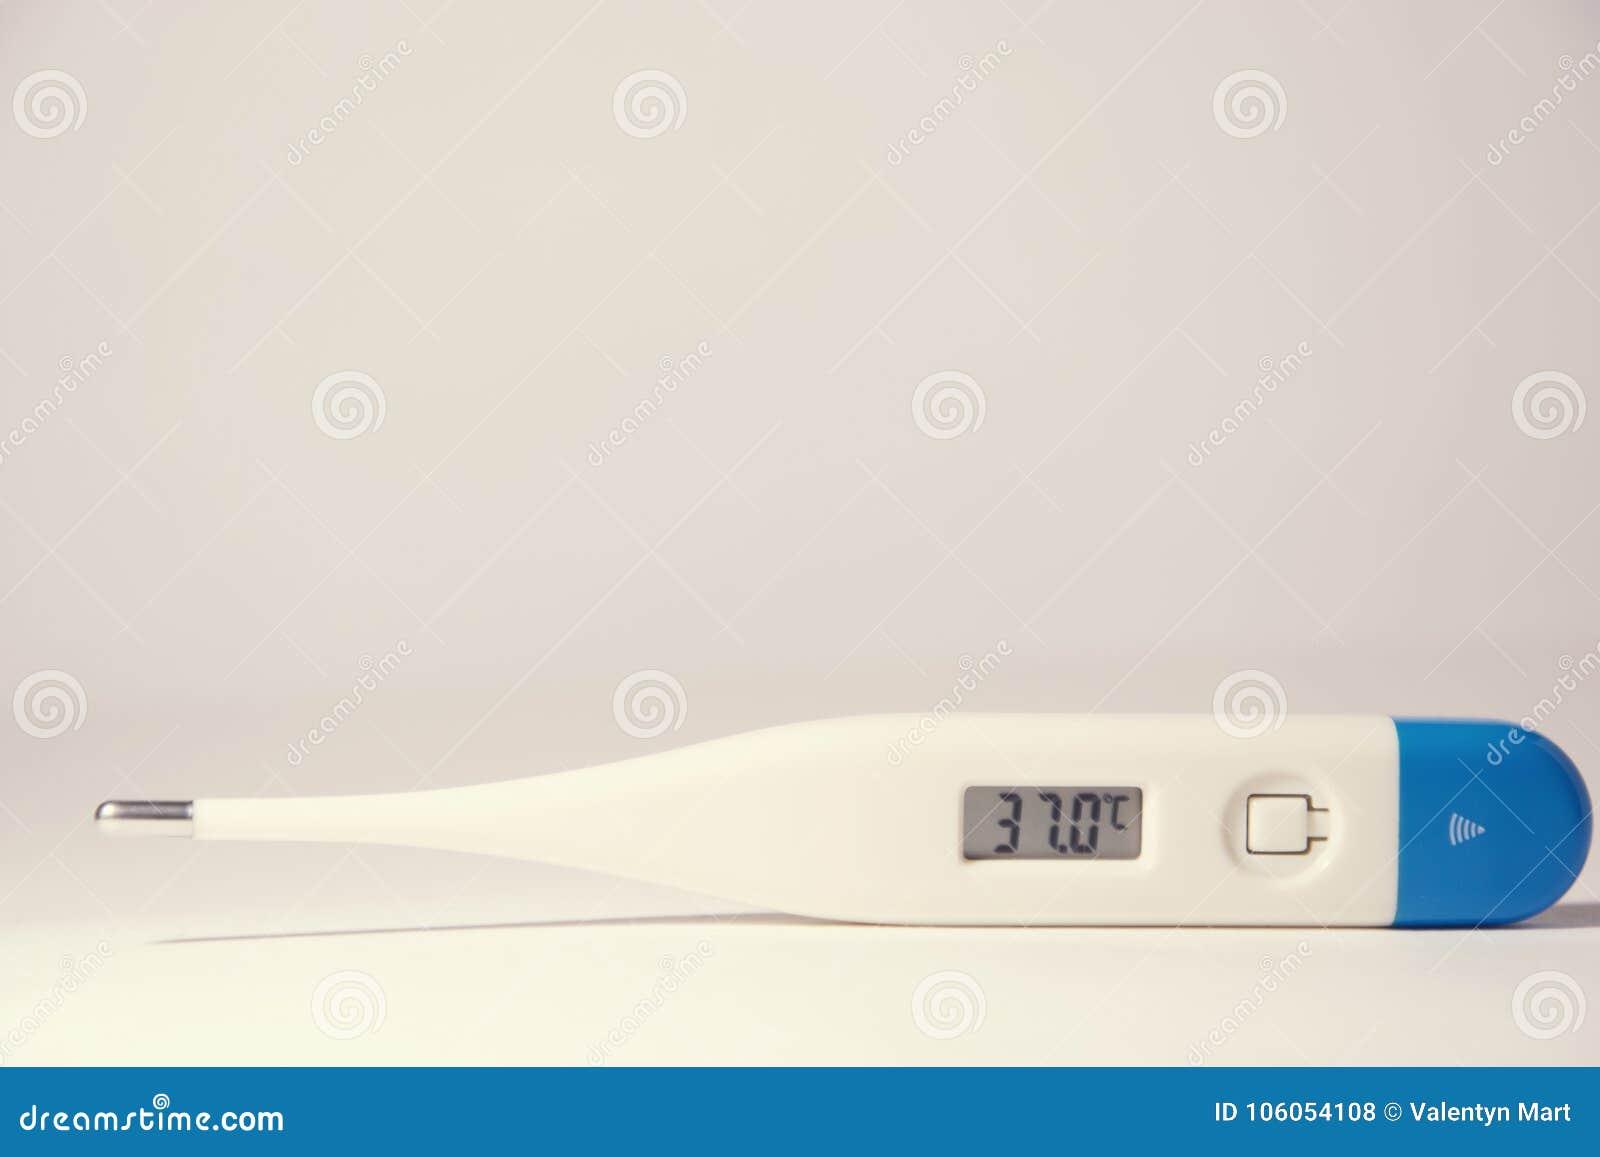 Un Termometro Che Mostra Un Alta Temperatura Corporea Di 37 Priorita Bassa Bianca Medicina Fotografia Stock Immagine Di Esposizioni Background 106054108 Inicialmente se fabricaron aprovechando el fenómeno de la dilatación. bassa bianca medicina fotografia stock